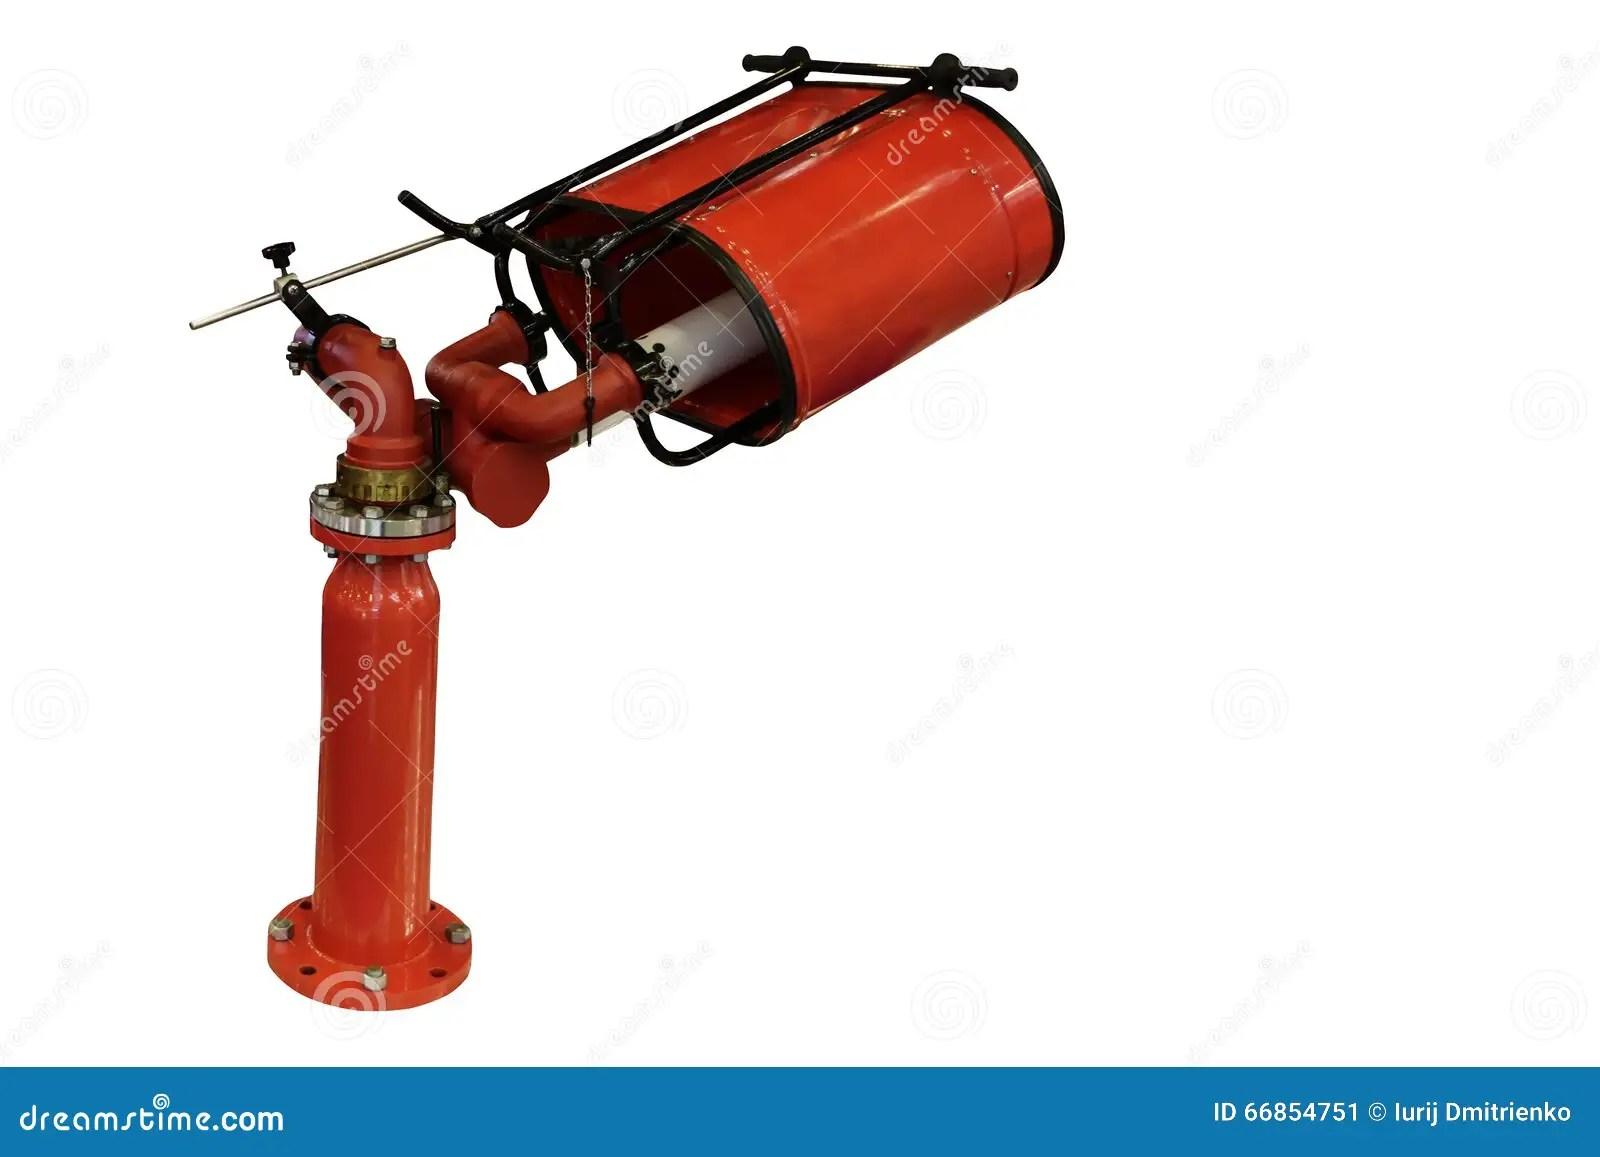 Fire Fighting Equipment Cartoon Vector